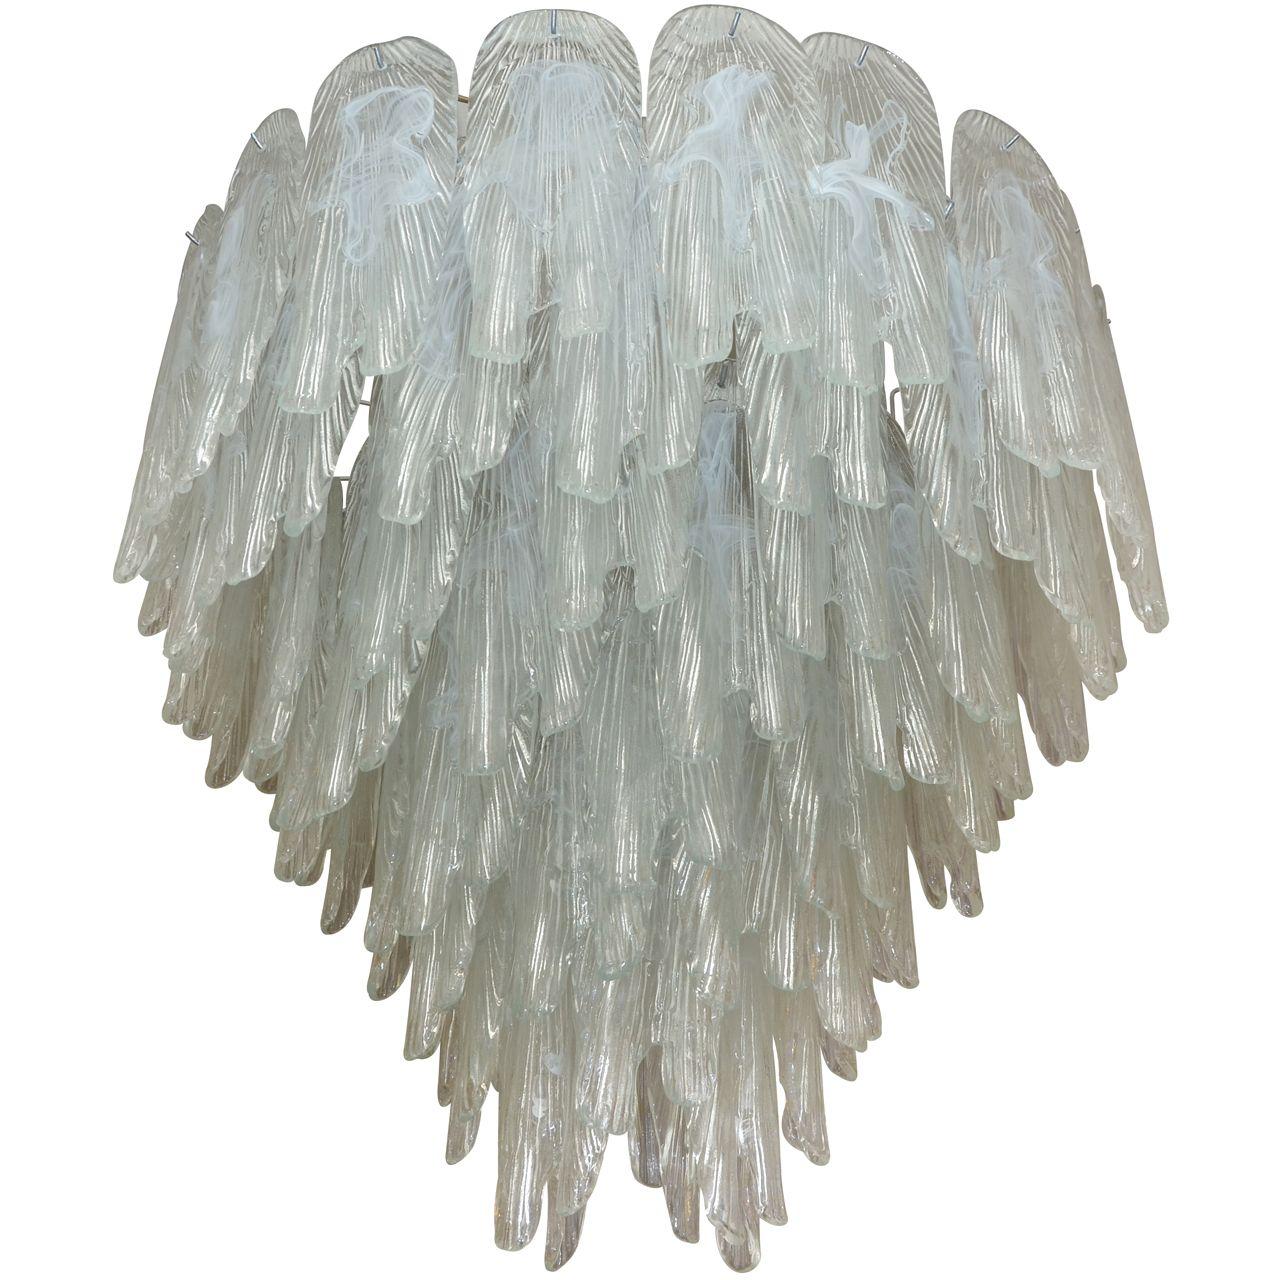 S italian chandelier by seguso italian chandelier chandeliers